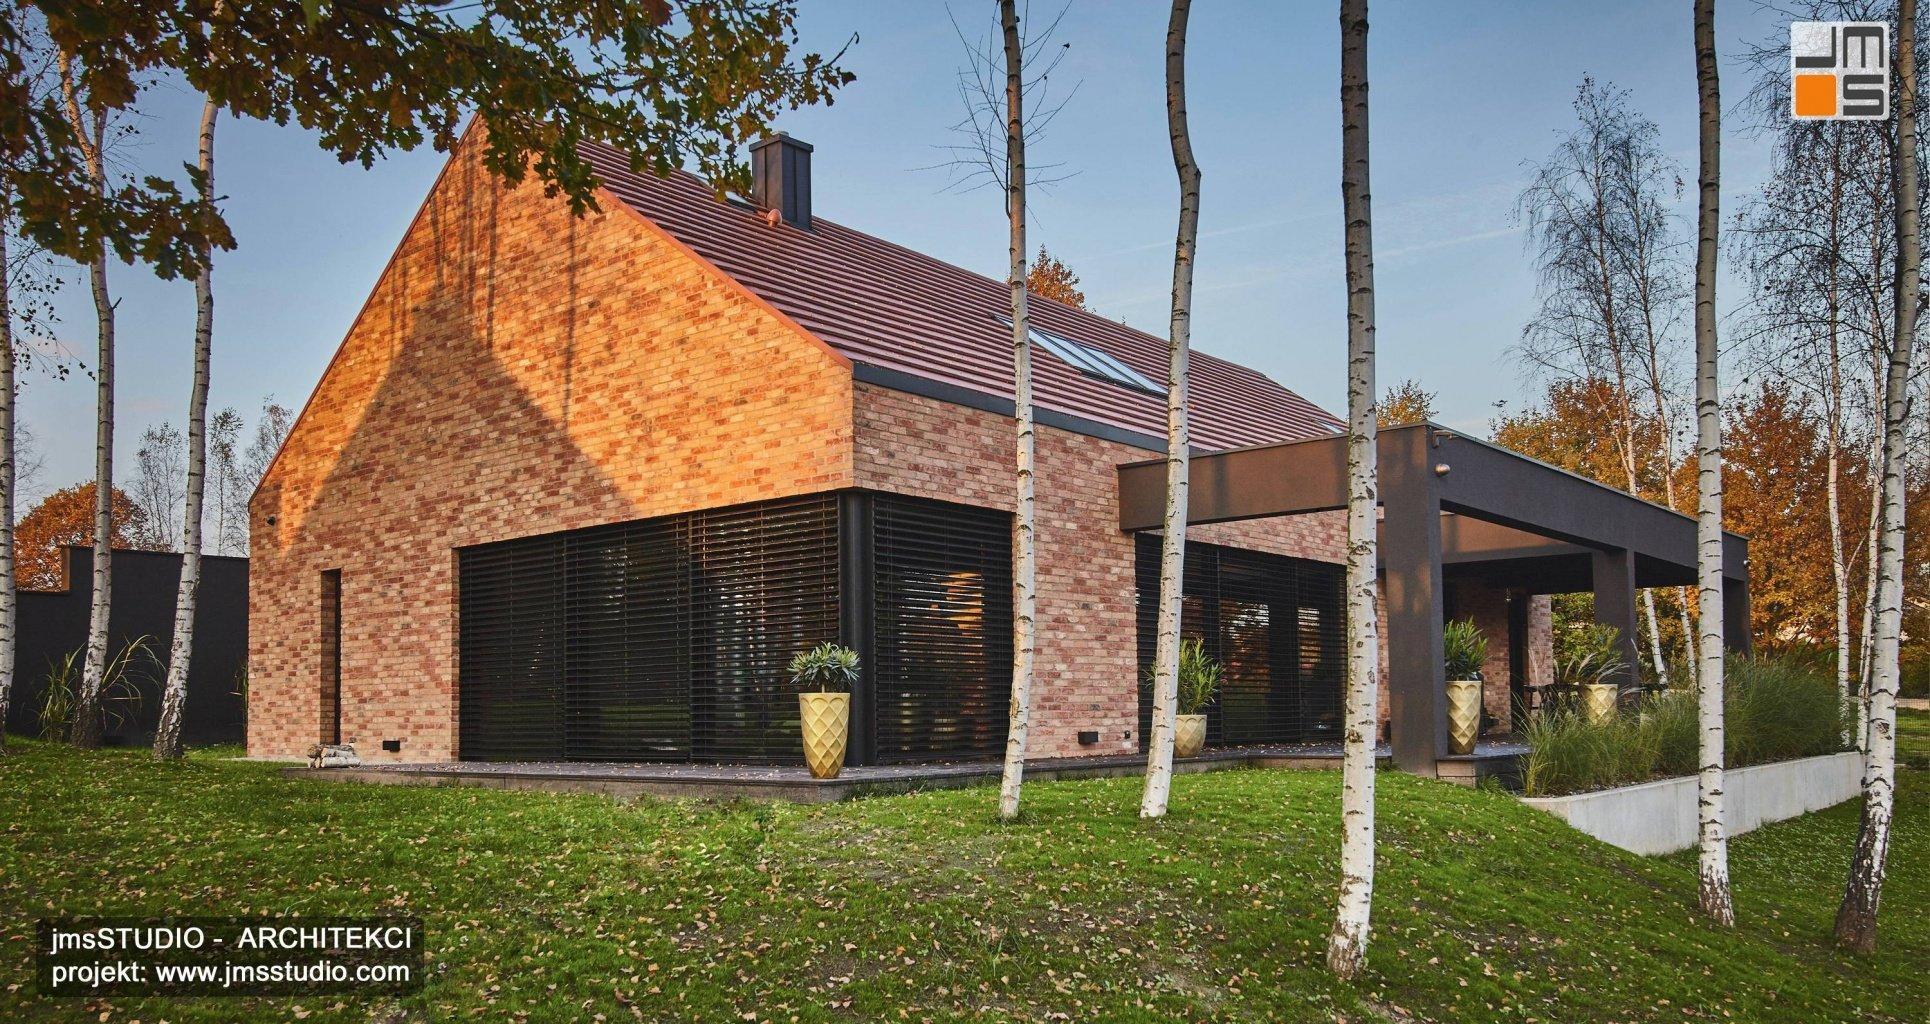 Indywidualny projekt domu z elewacją z cegły z żaluzjami zewnętrznymi dużymi oknami antracytowymi i ciekawym pomysłem na drewniany taras z dekoracyjną ramą - zdjęcia z realizacji